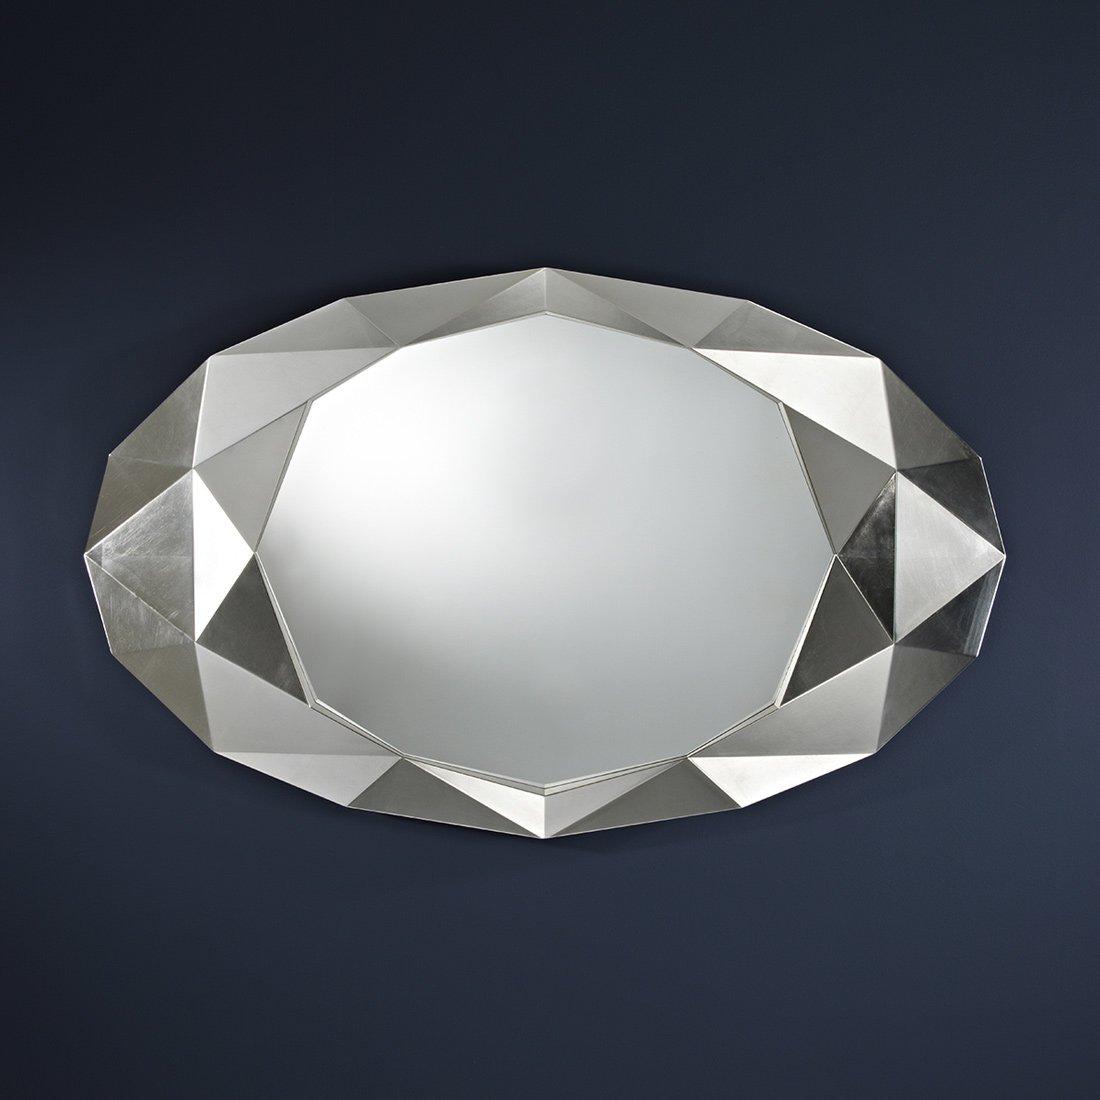 Miroir joyau argent meubles et atmosph re for Miroir d argent